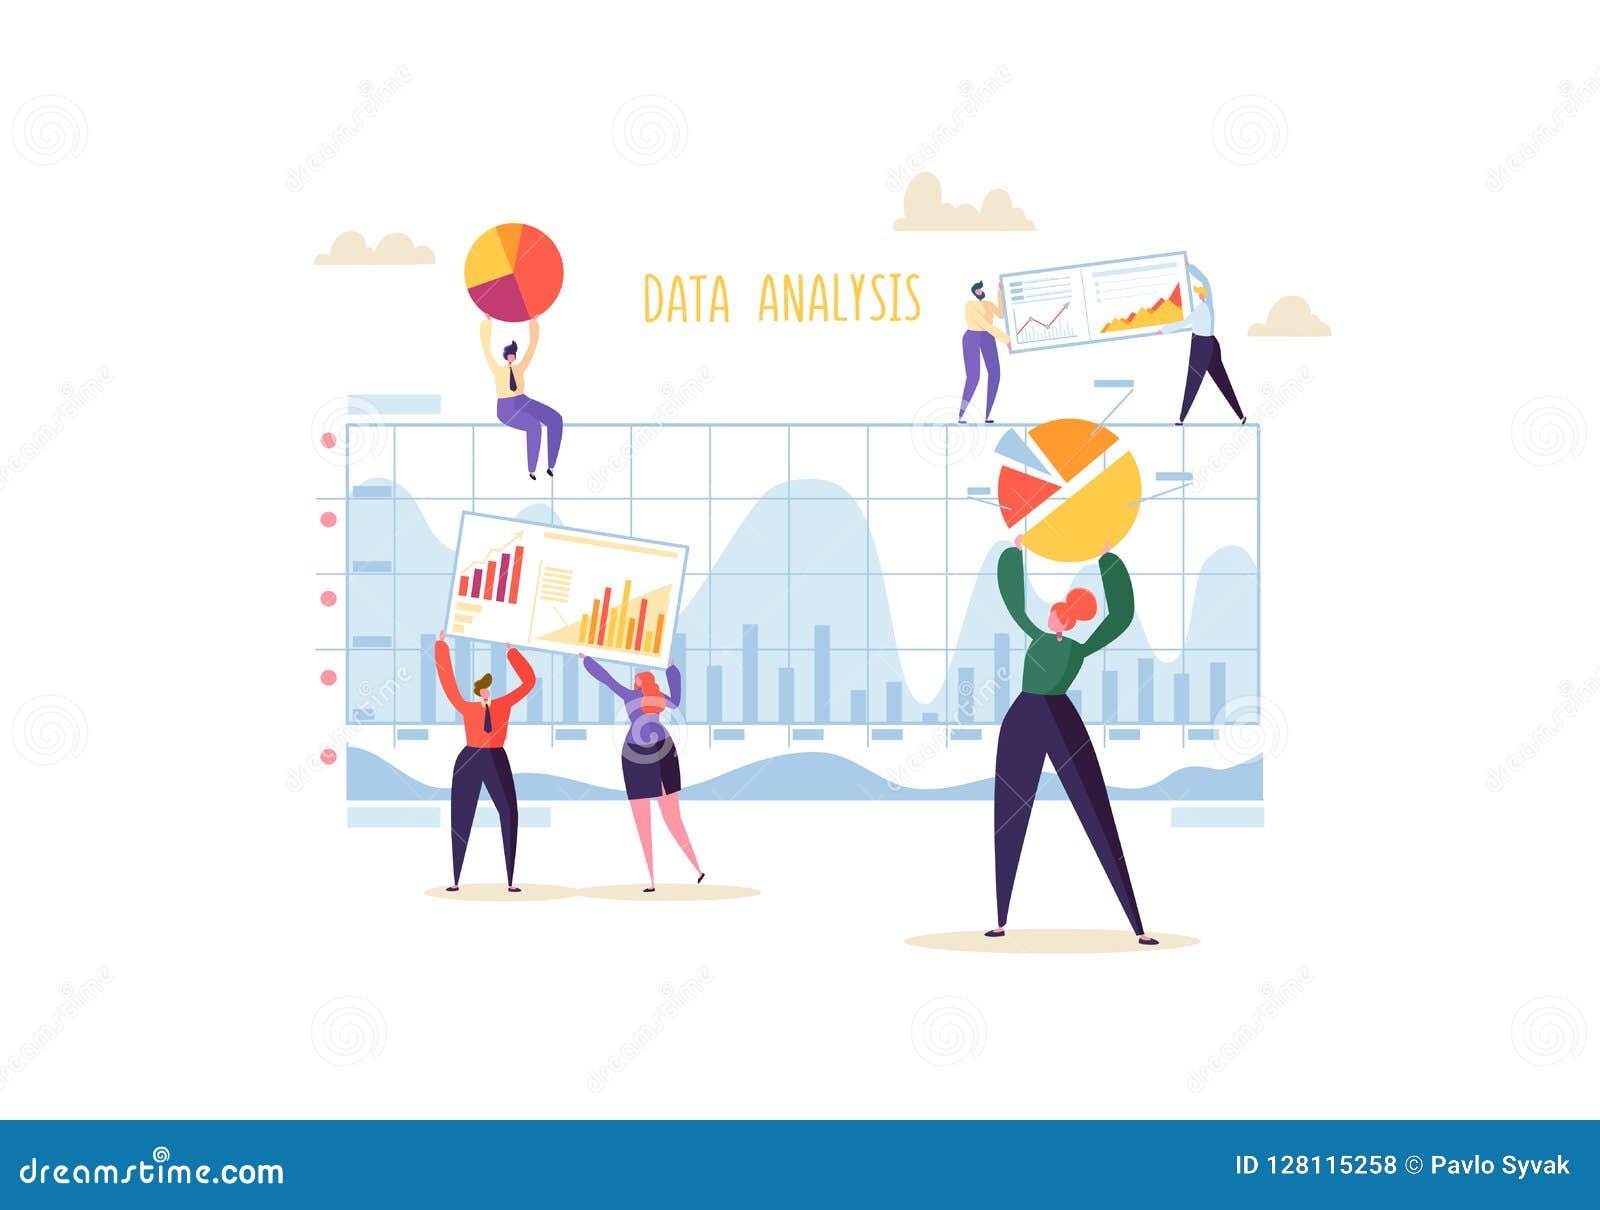 Stort begrepp för dataanalysstrategi MarknadsföringsAnalytics med tecken för affärsfolk som arbetar samman med diagram